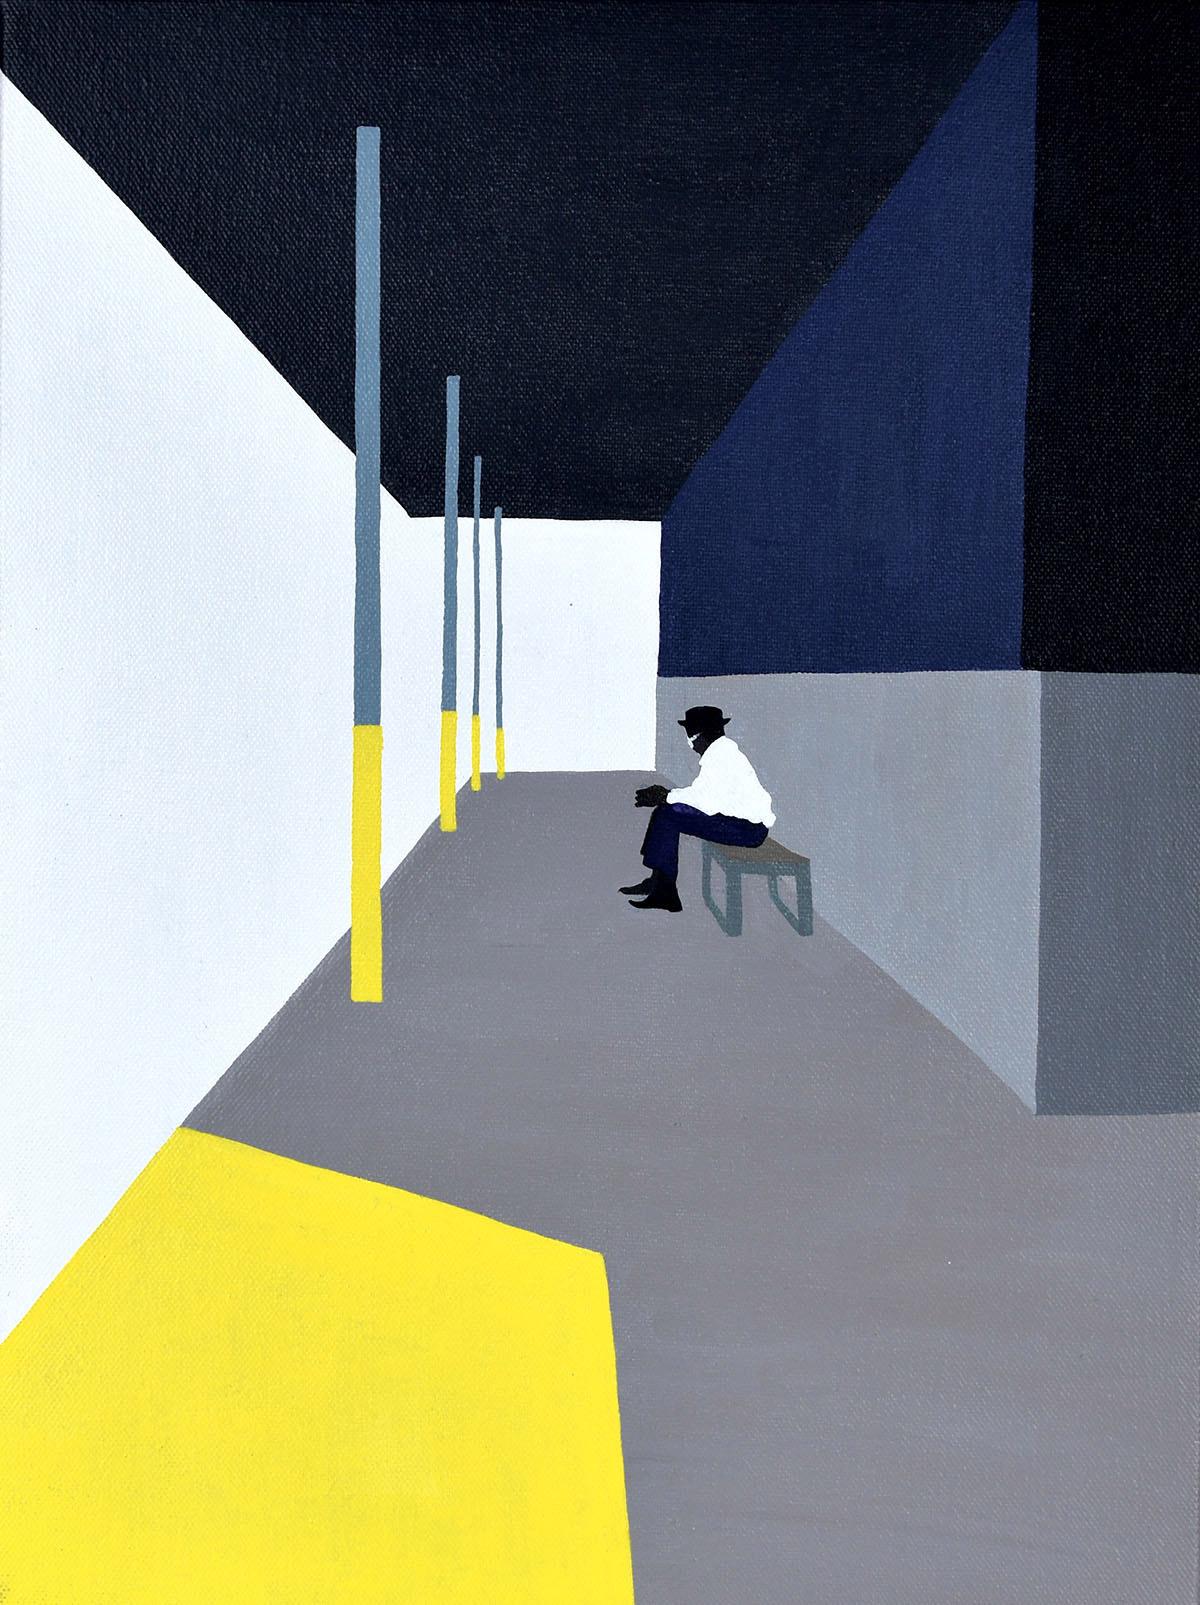 Backs, solitudine e isolamento nei dipinti di Gwen Yip | Collater.al 2